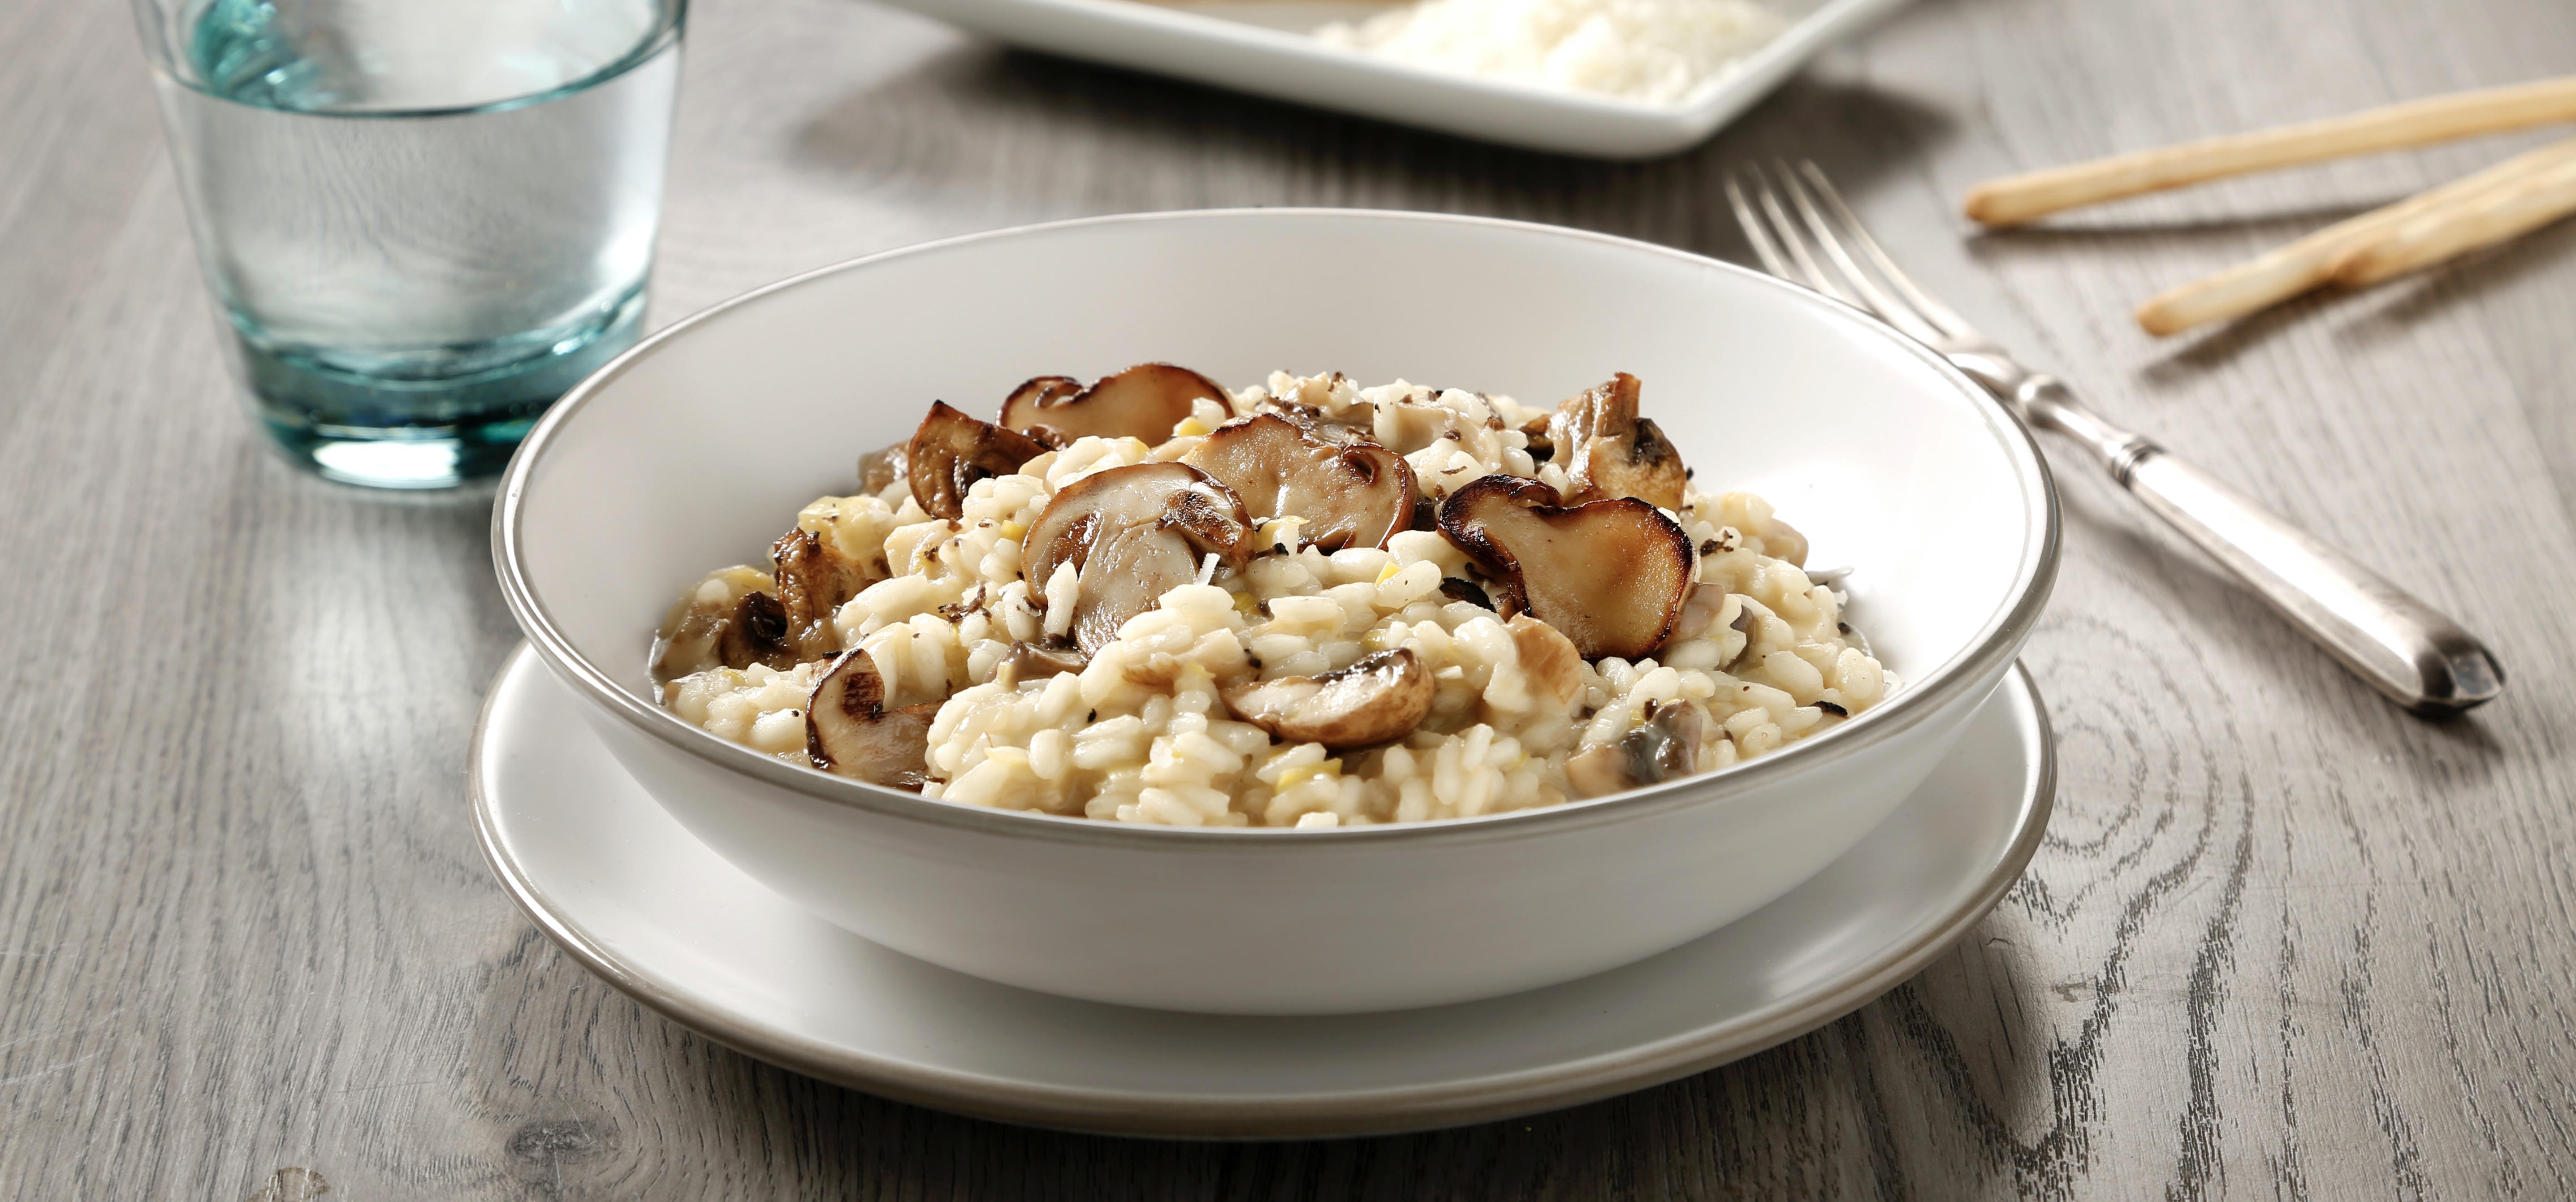 """Practica esta receta de Rissotto de Setas, riza el """"riso"""" (arroz en italiano) con tus invitados, familiares o en una cita especial y a disfrutar."""